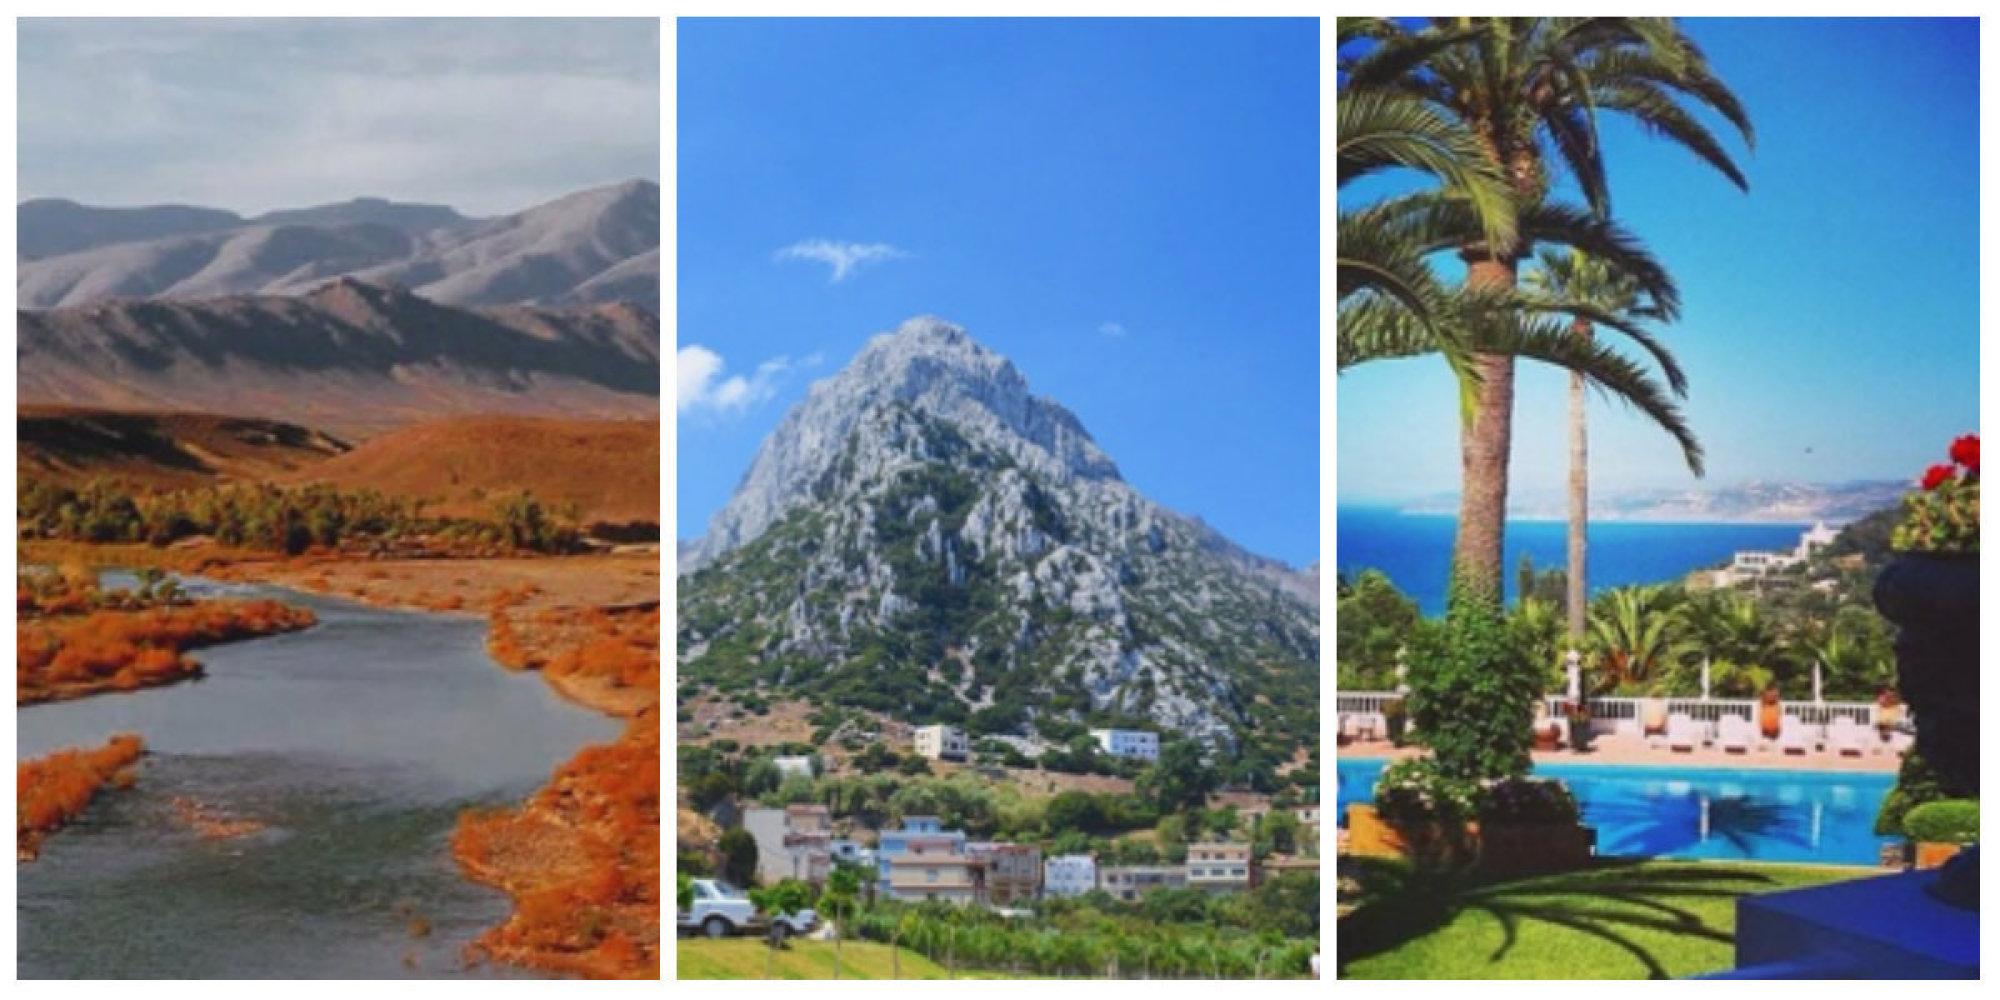 Le maroc paysage voyages cartes for Le paysage